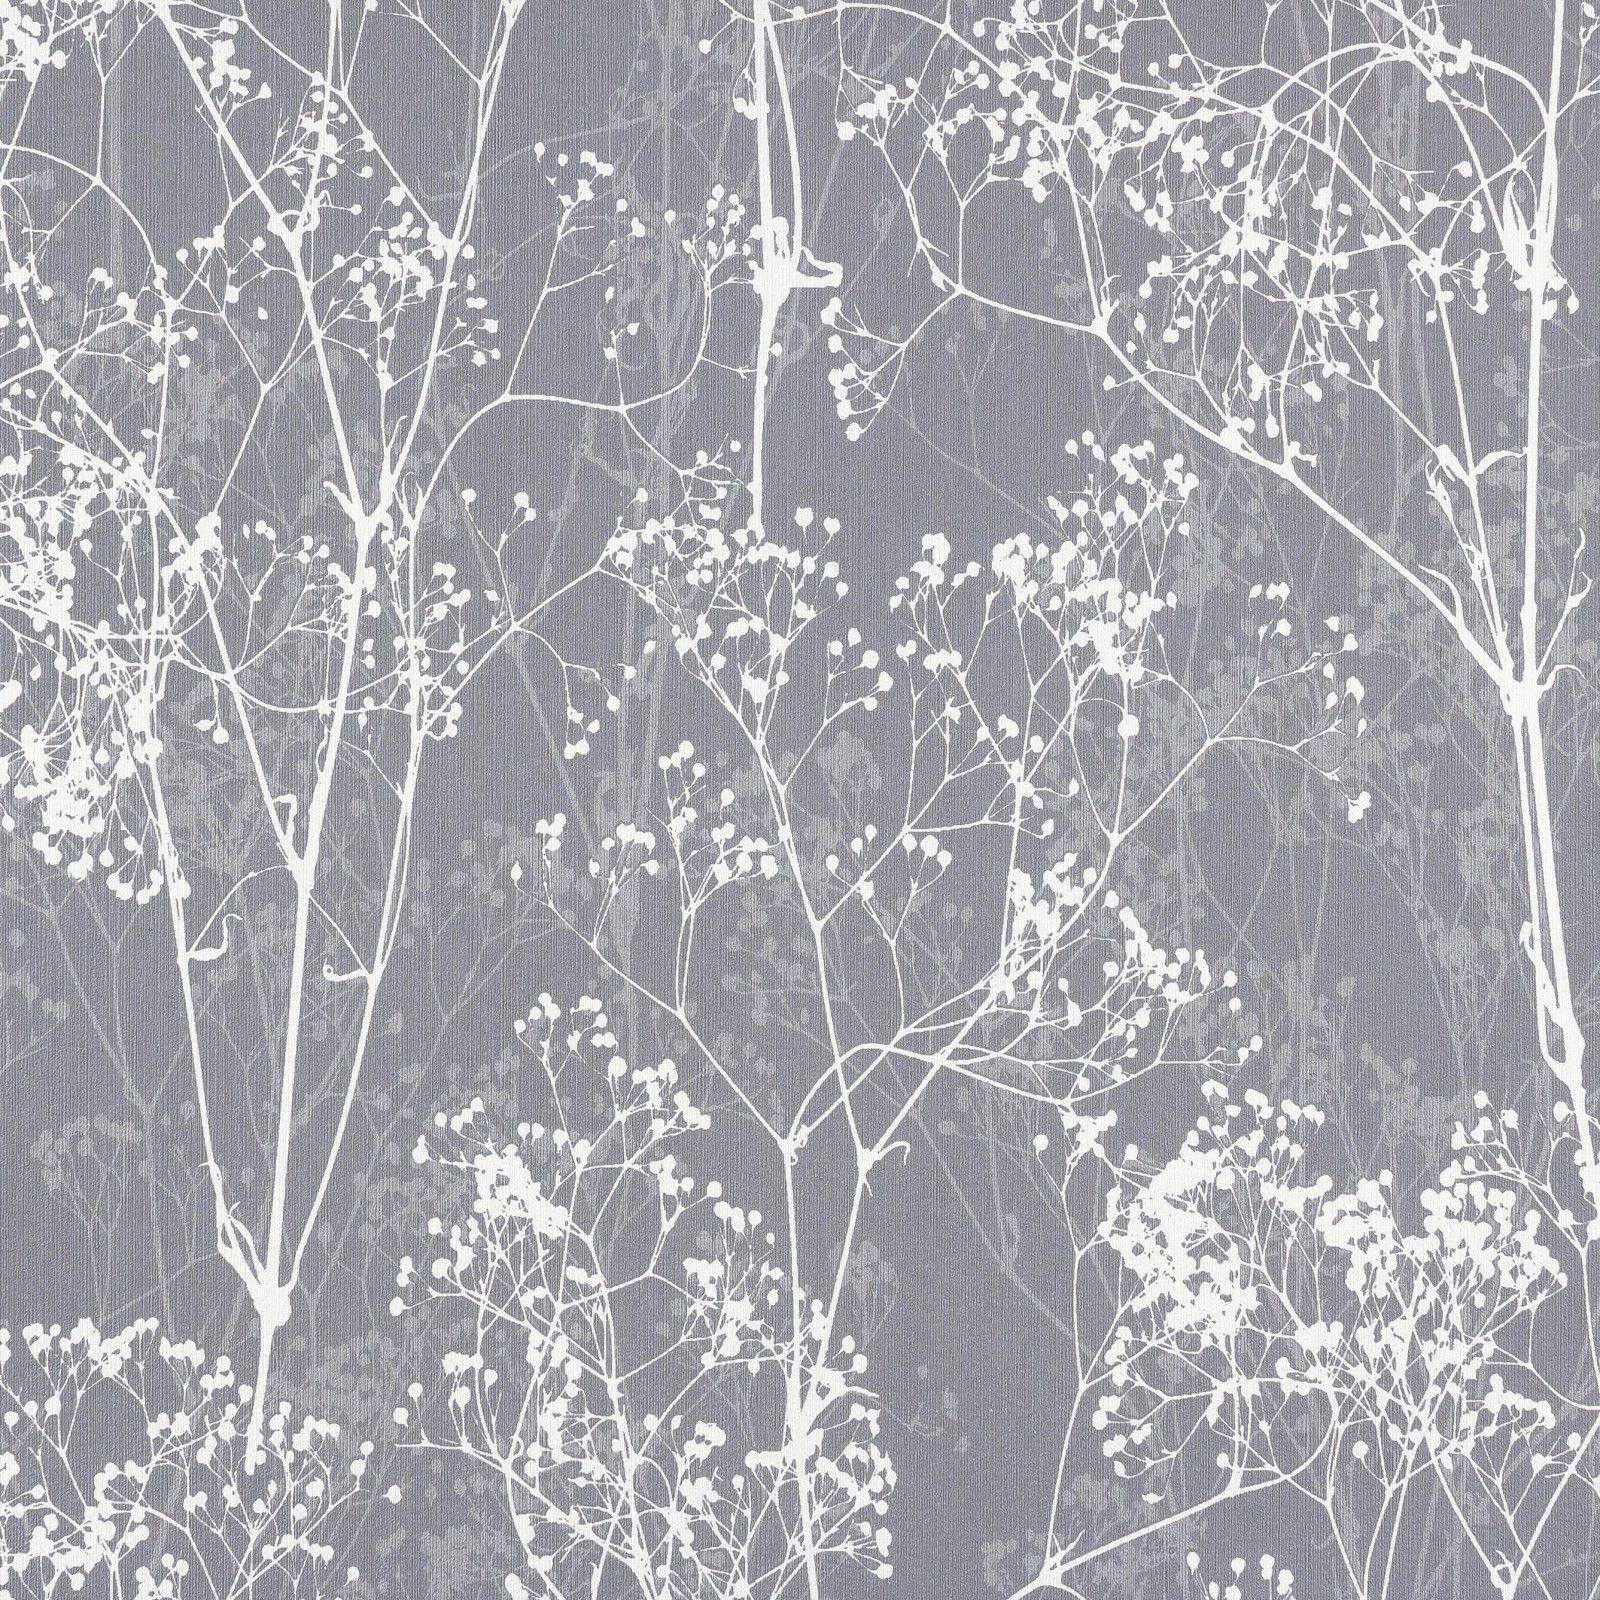 Rasch Tapete Deco Chic 2015 728613 Natur grau weiss | Home ...